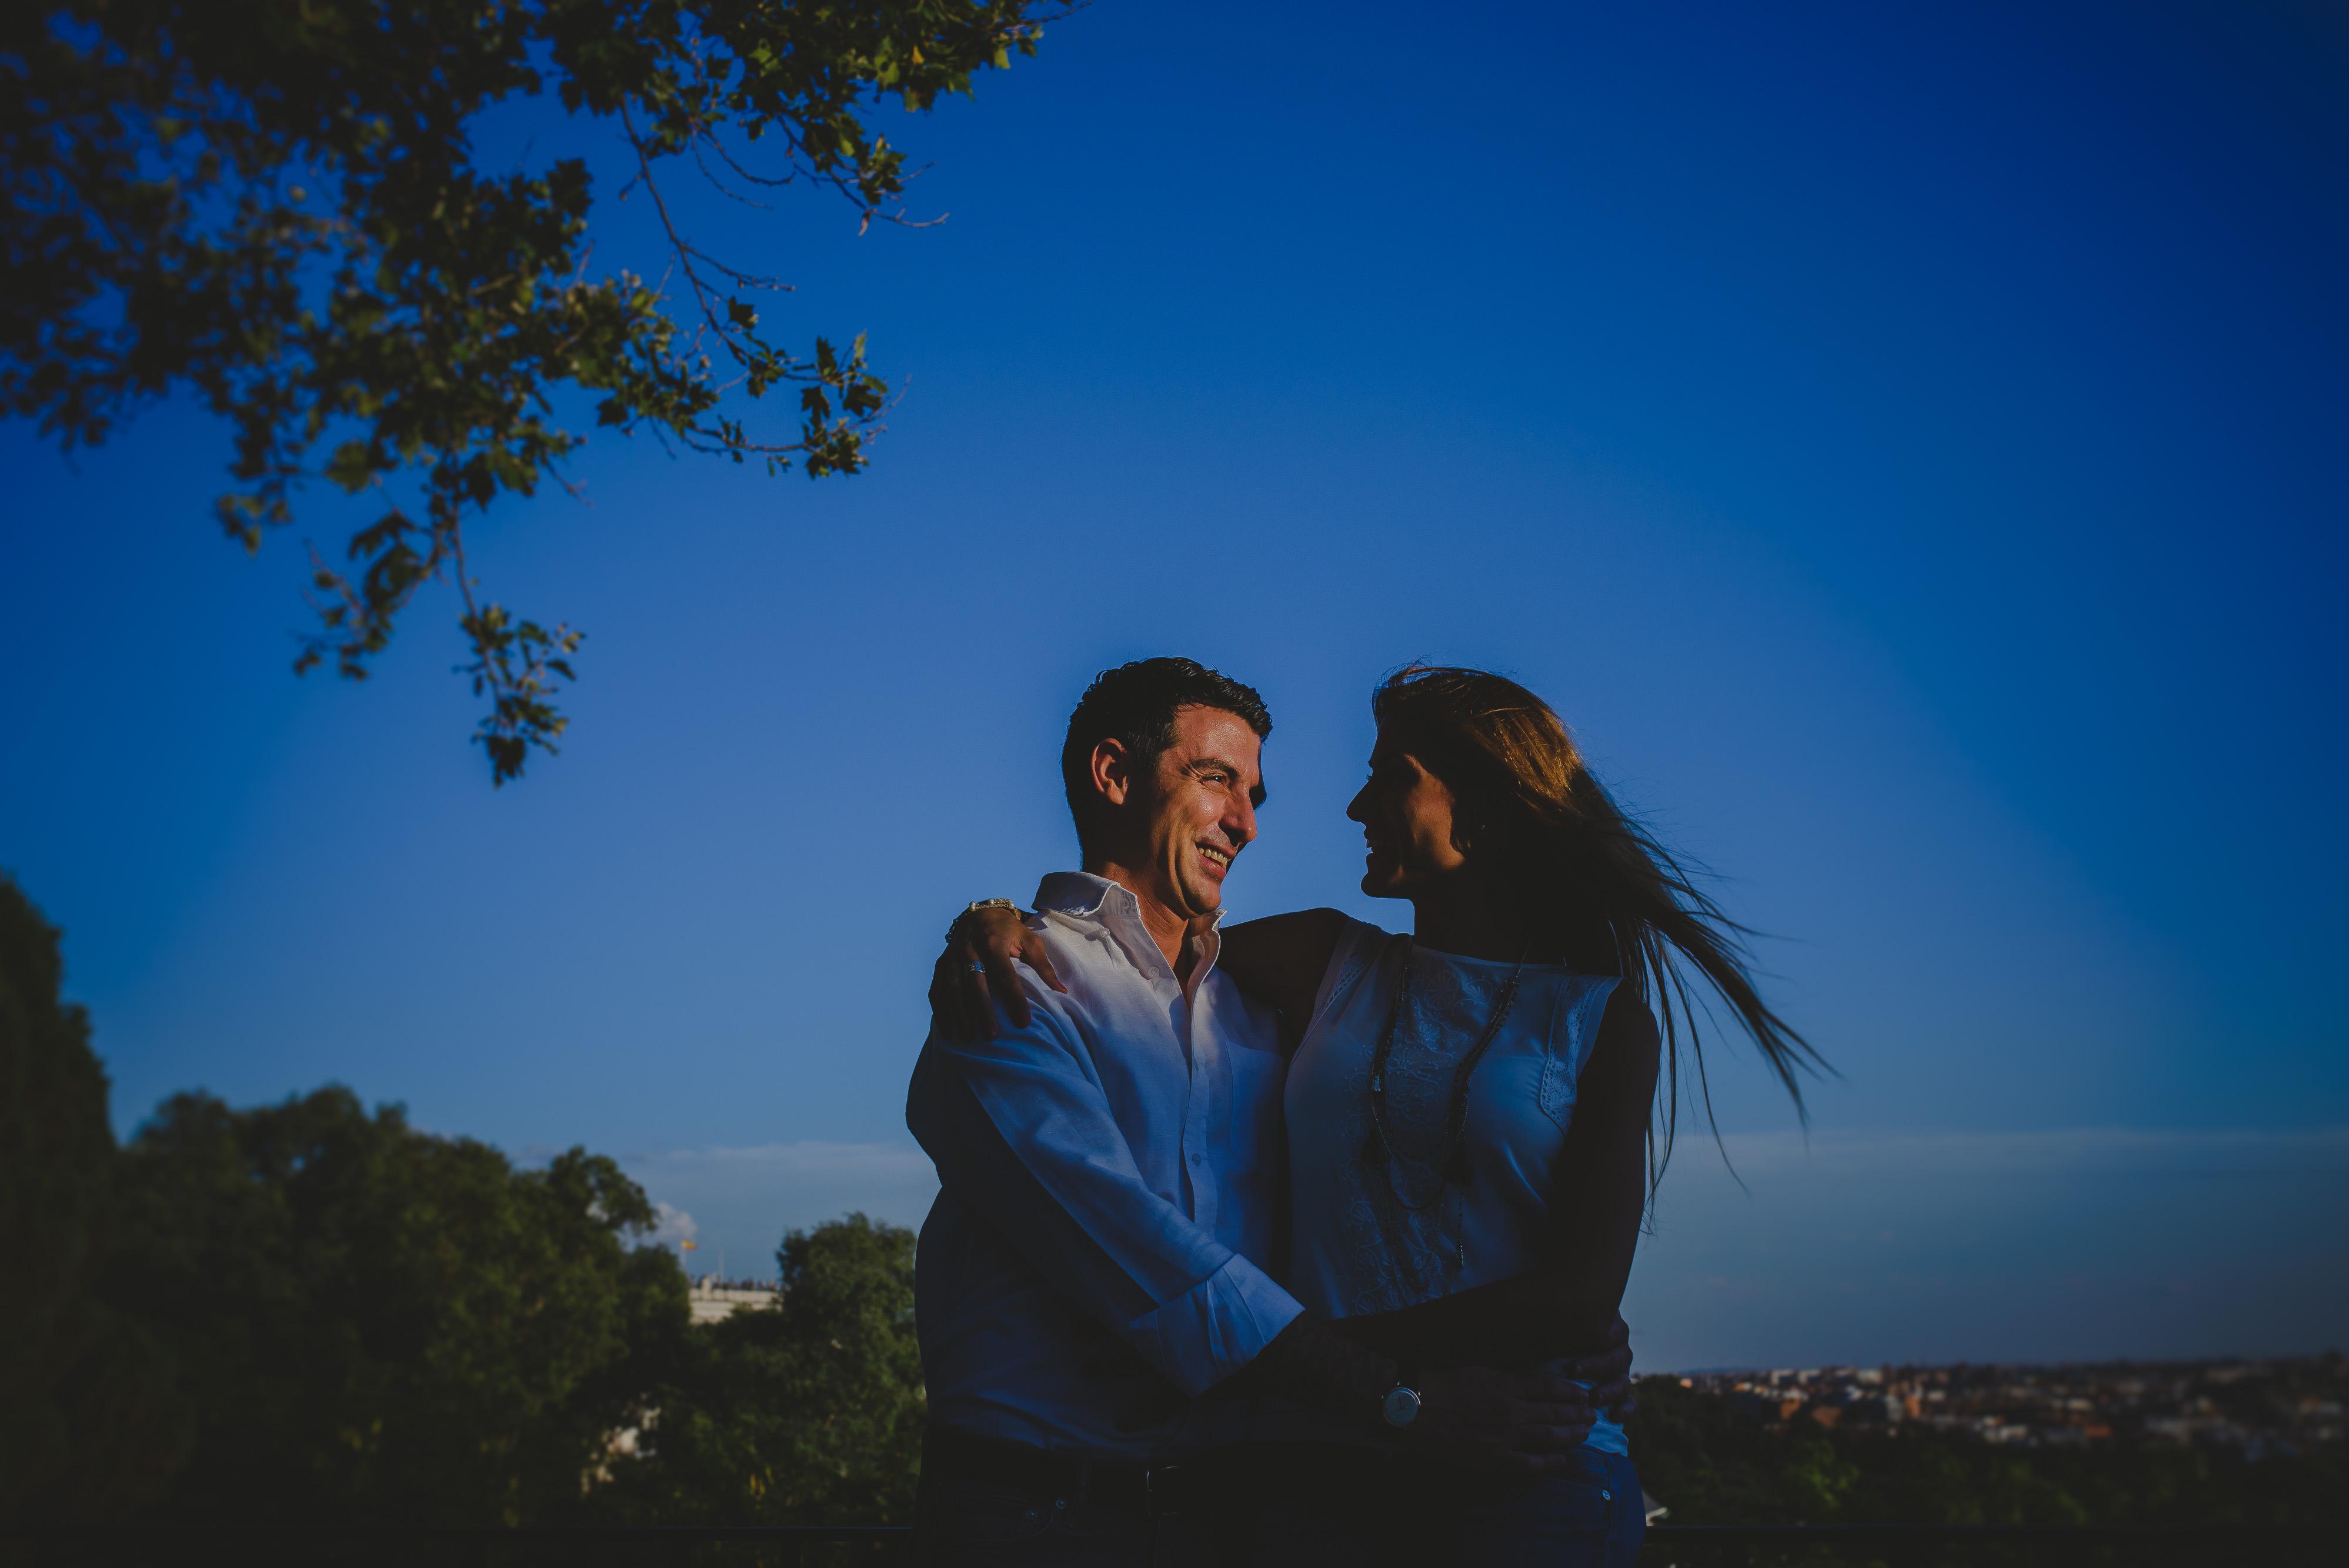 Majorca Wedding Photography - Mallorcahochzeiten Fotografie - Anabel Vargas Photography - Bodas en Mallorca8